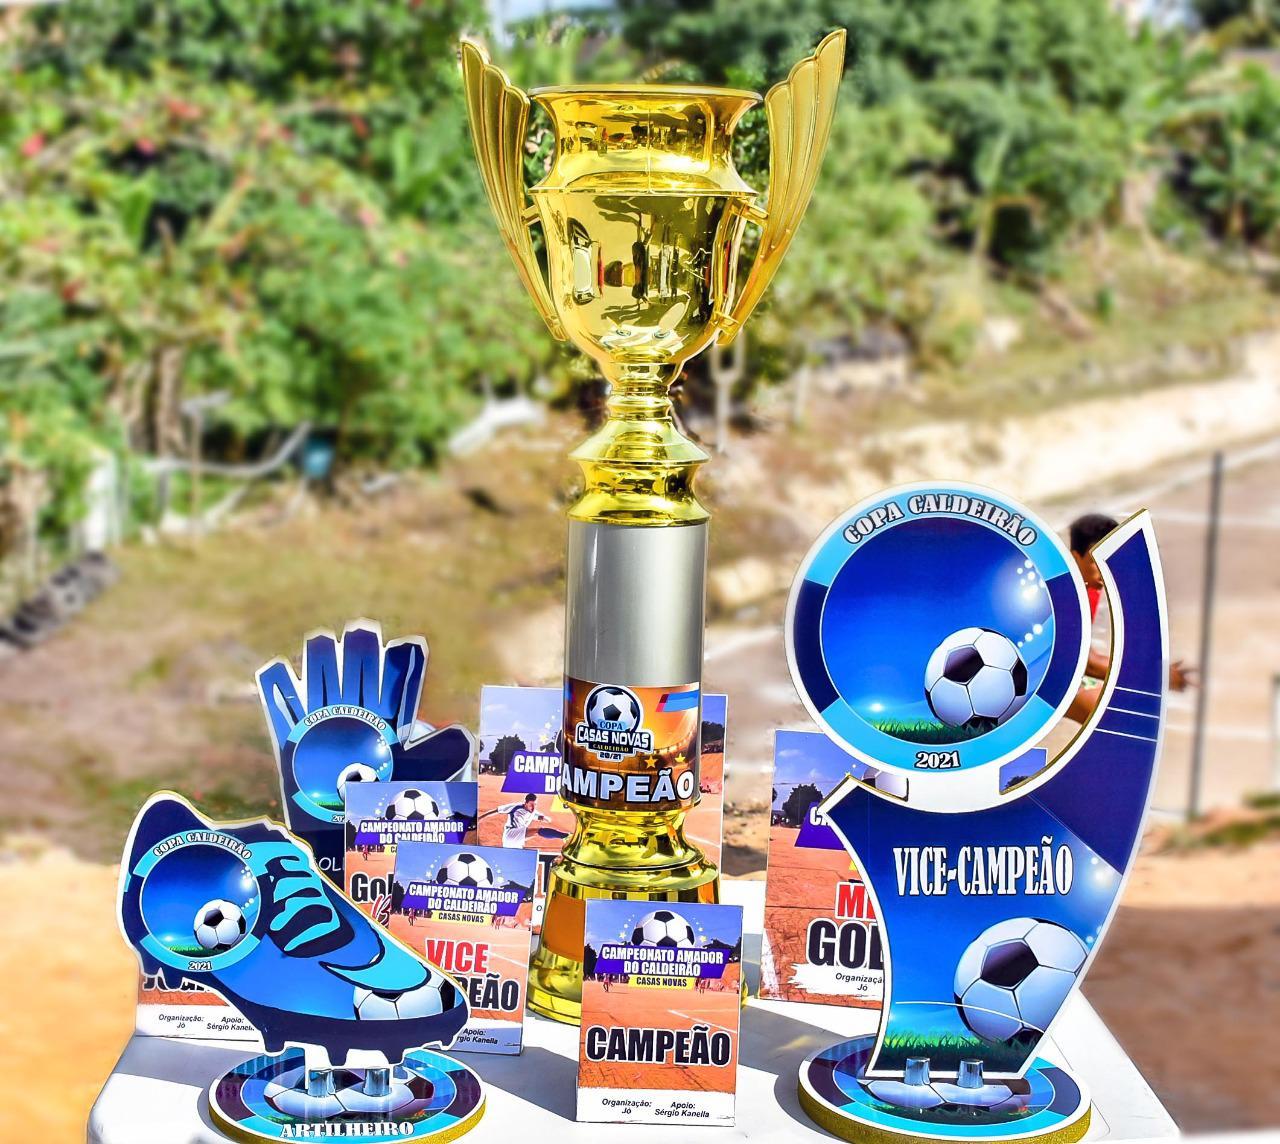 Porto Seguro: A final da Copa Casas Novas aconteceu na tarde deste sábado, 6/2, no Campo Caldeirão 22